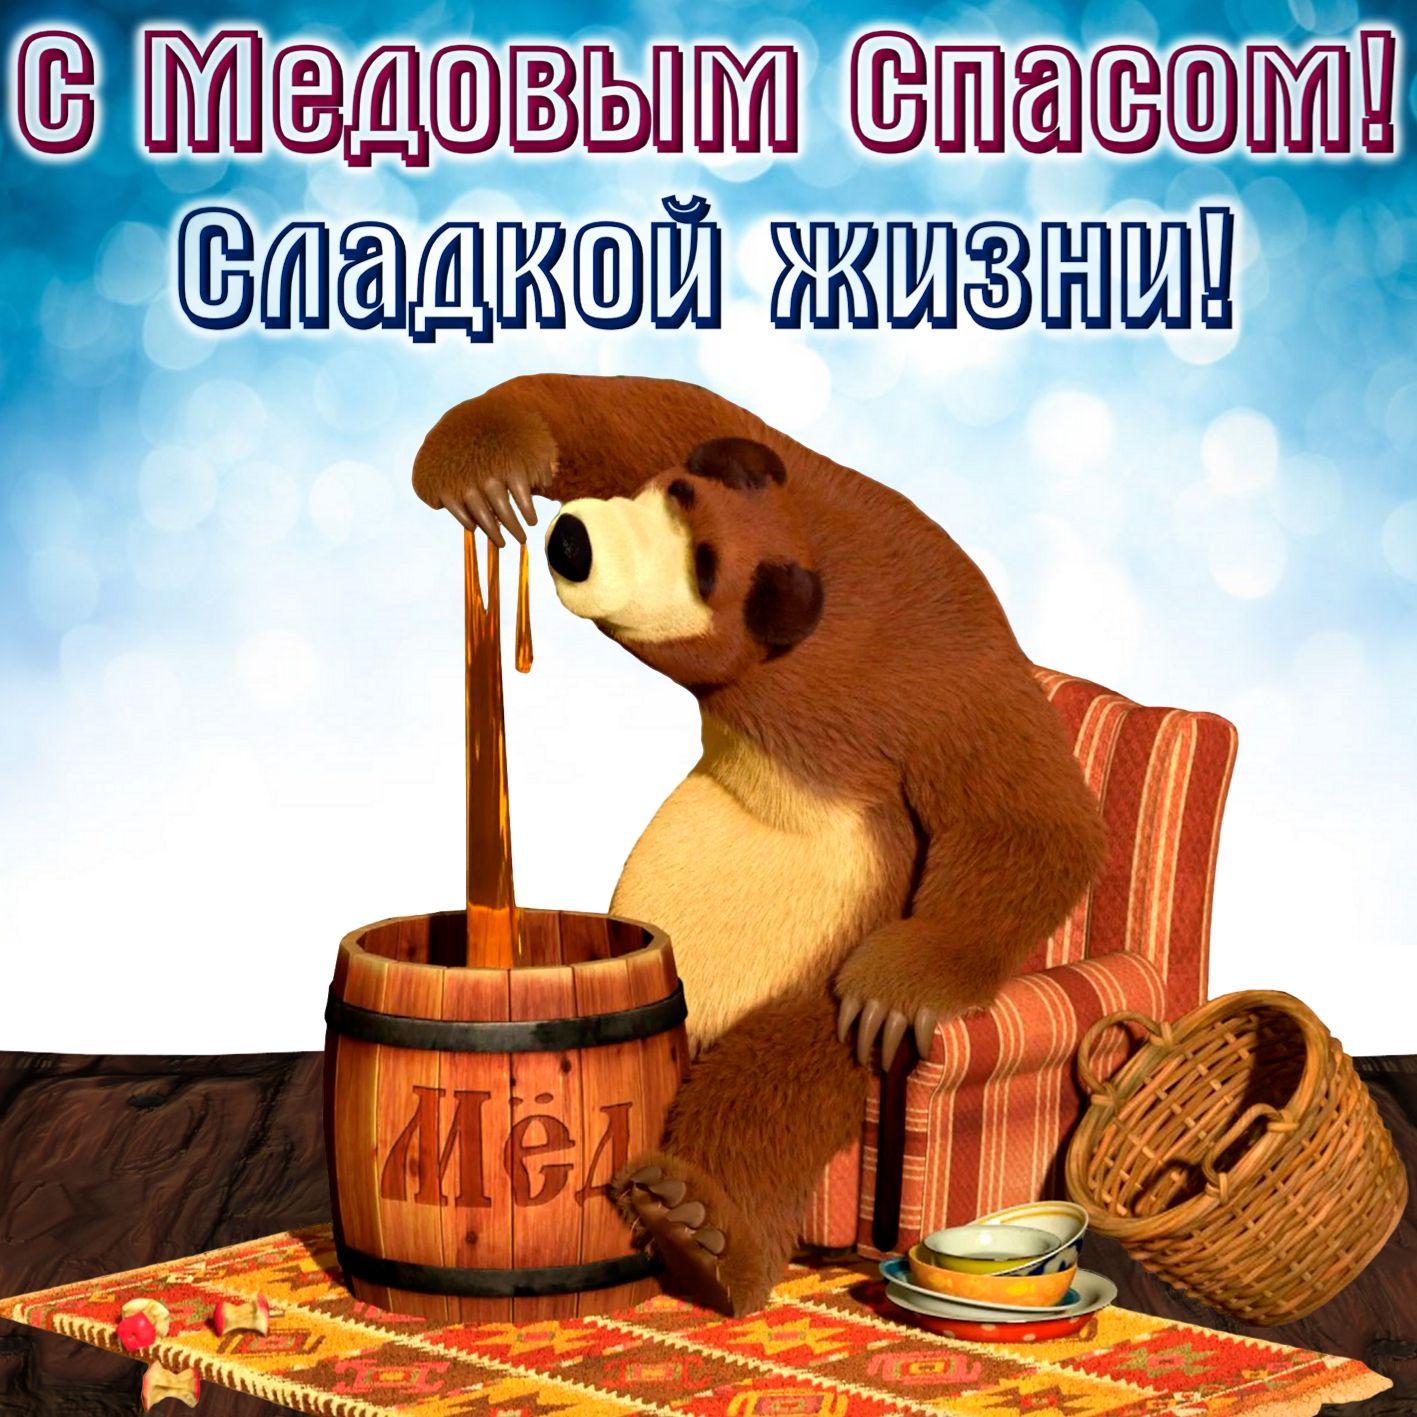 Открытка на Медовый Спас - медведь в кресле с бочкой меда